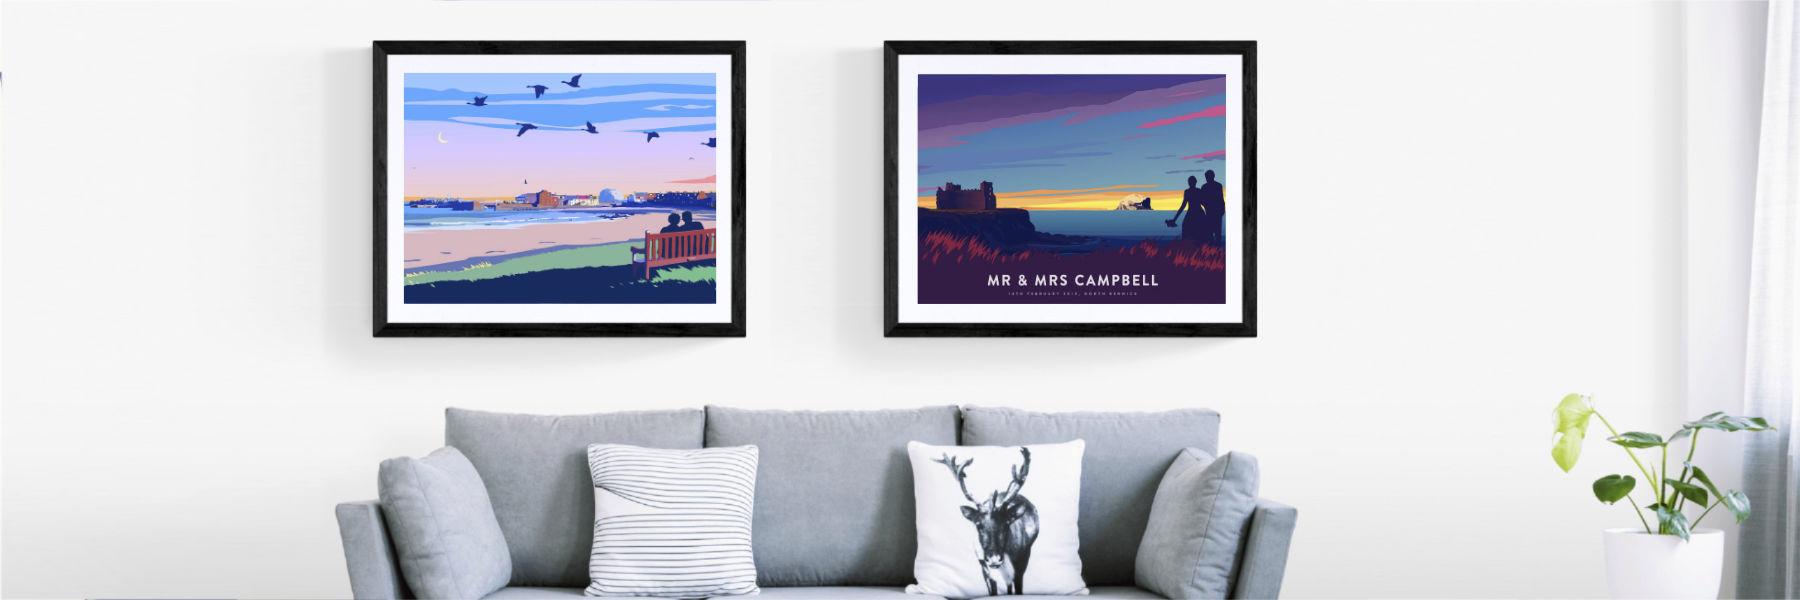 Personalised Prints